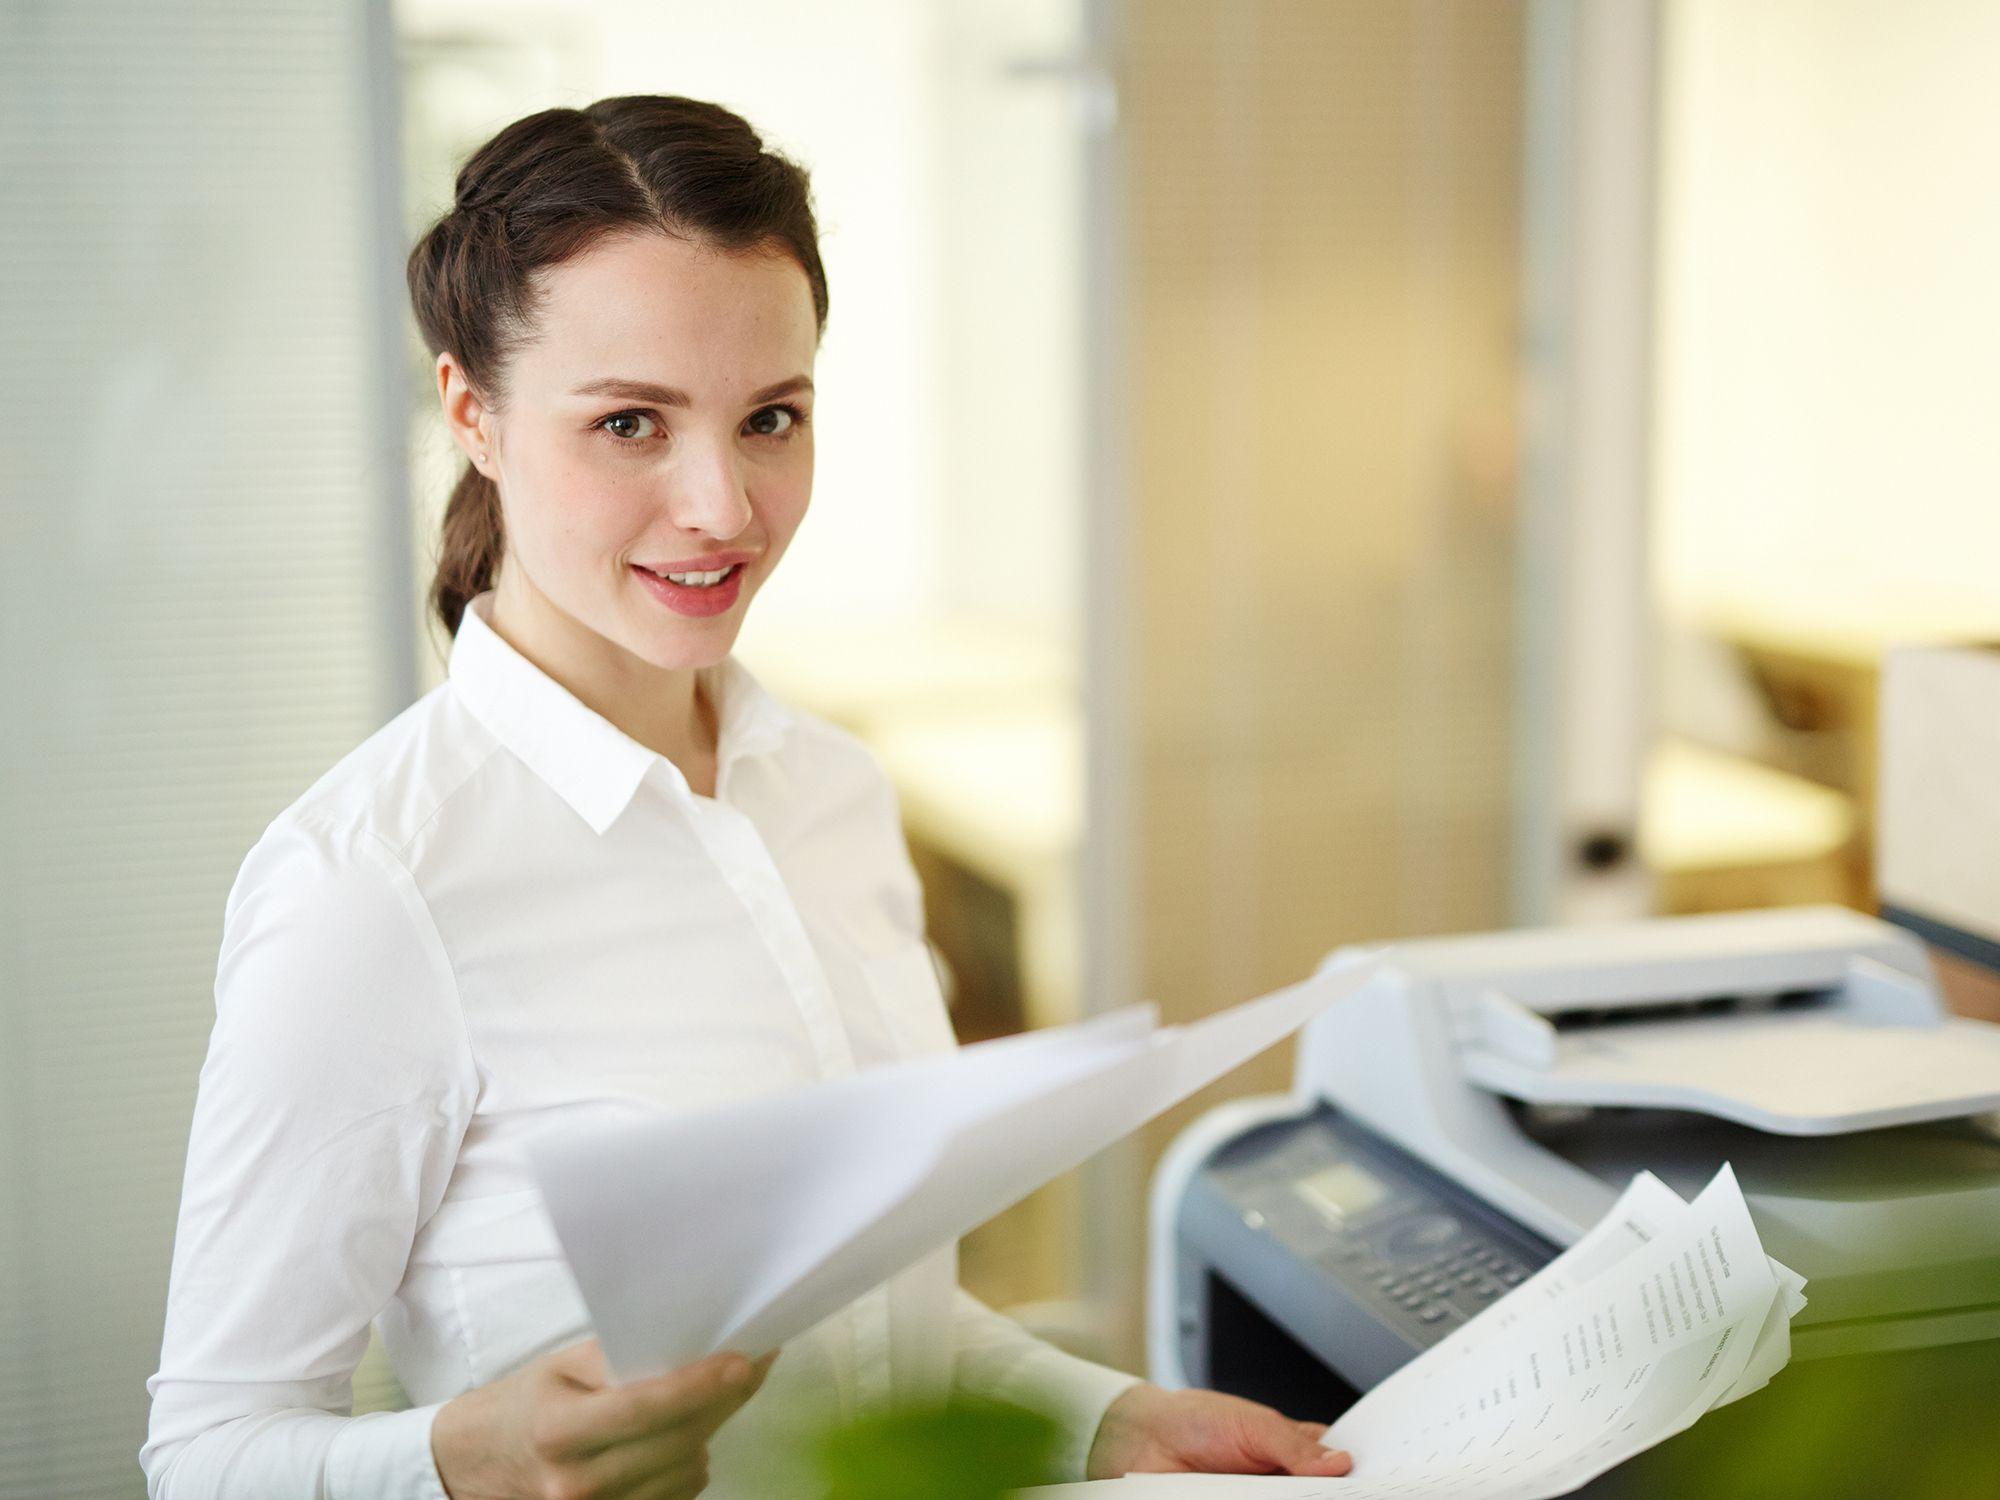 Level 6 - Bürohelfer wie Büroaushilfen, Bürohilfen, Bürohilfskraft, Bürofachkraft und Bürokraft für Büros, Büroarbeit, Büroaufgaben, Bürotätigkeiten, Büroorganisation, Urlaubsvertretung und Rekrutierung per Zeitarbeit, Arbeitnehmerüberlassung, Personalüberlassung oder Personalvermittlung finden und buchen